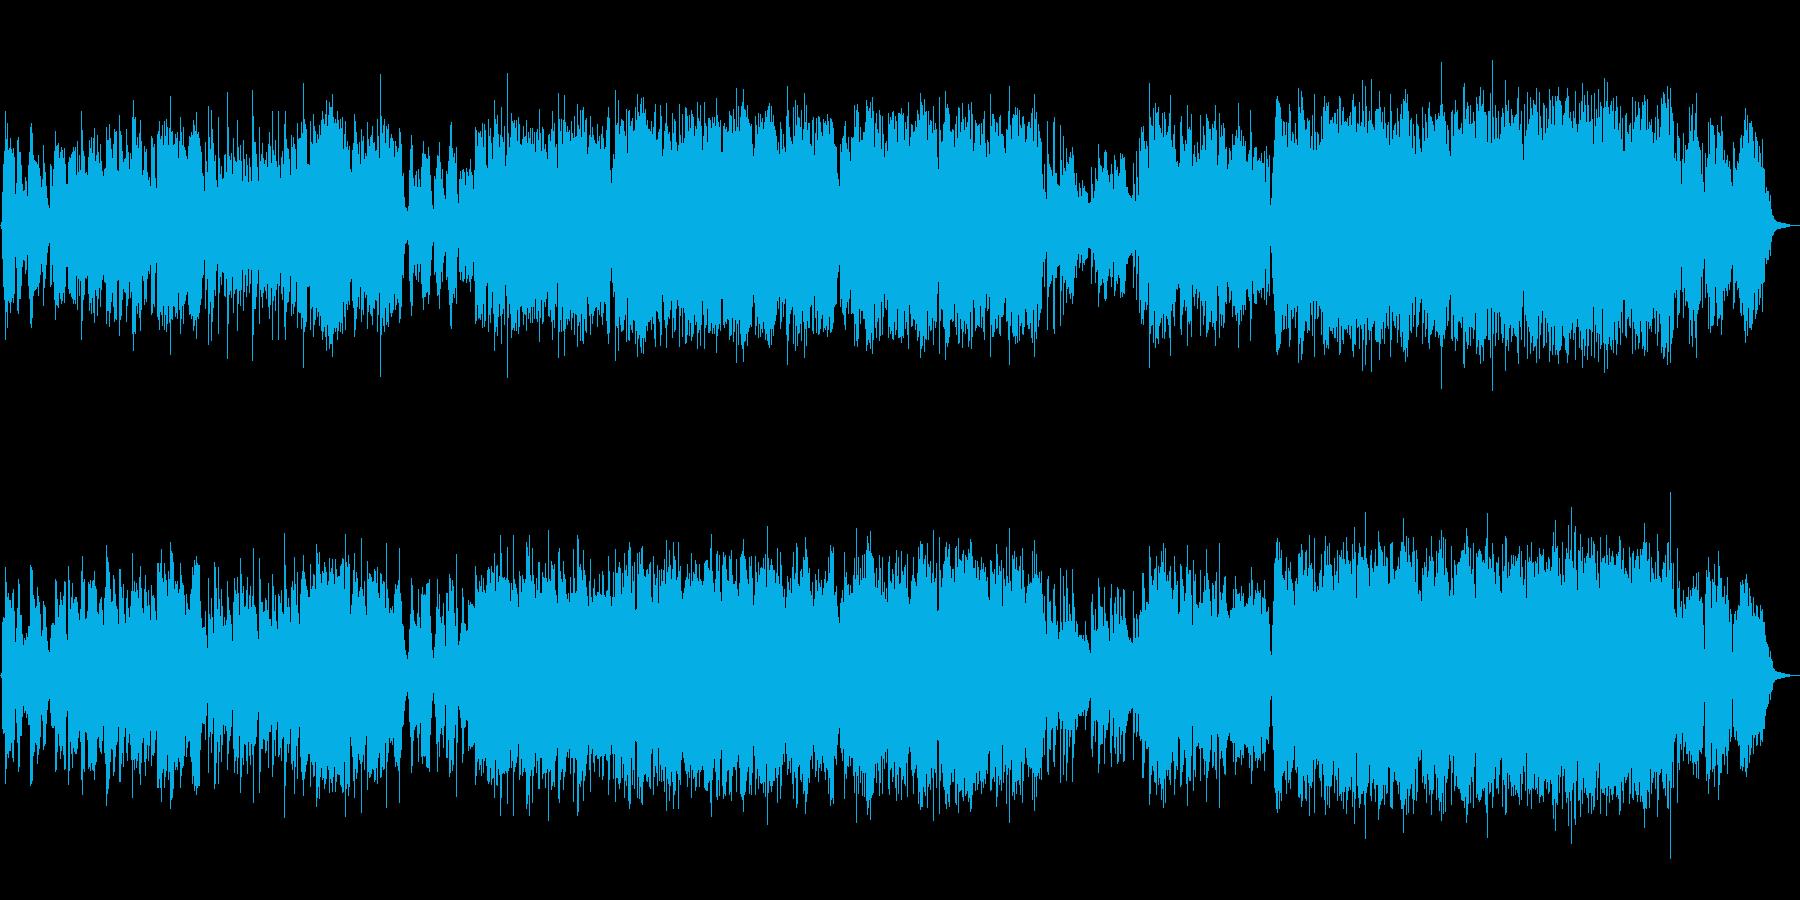 尺八生演奏の壮大で伸びやかな和風曲の再生済みの波形